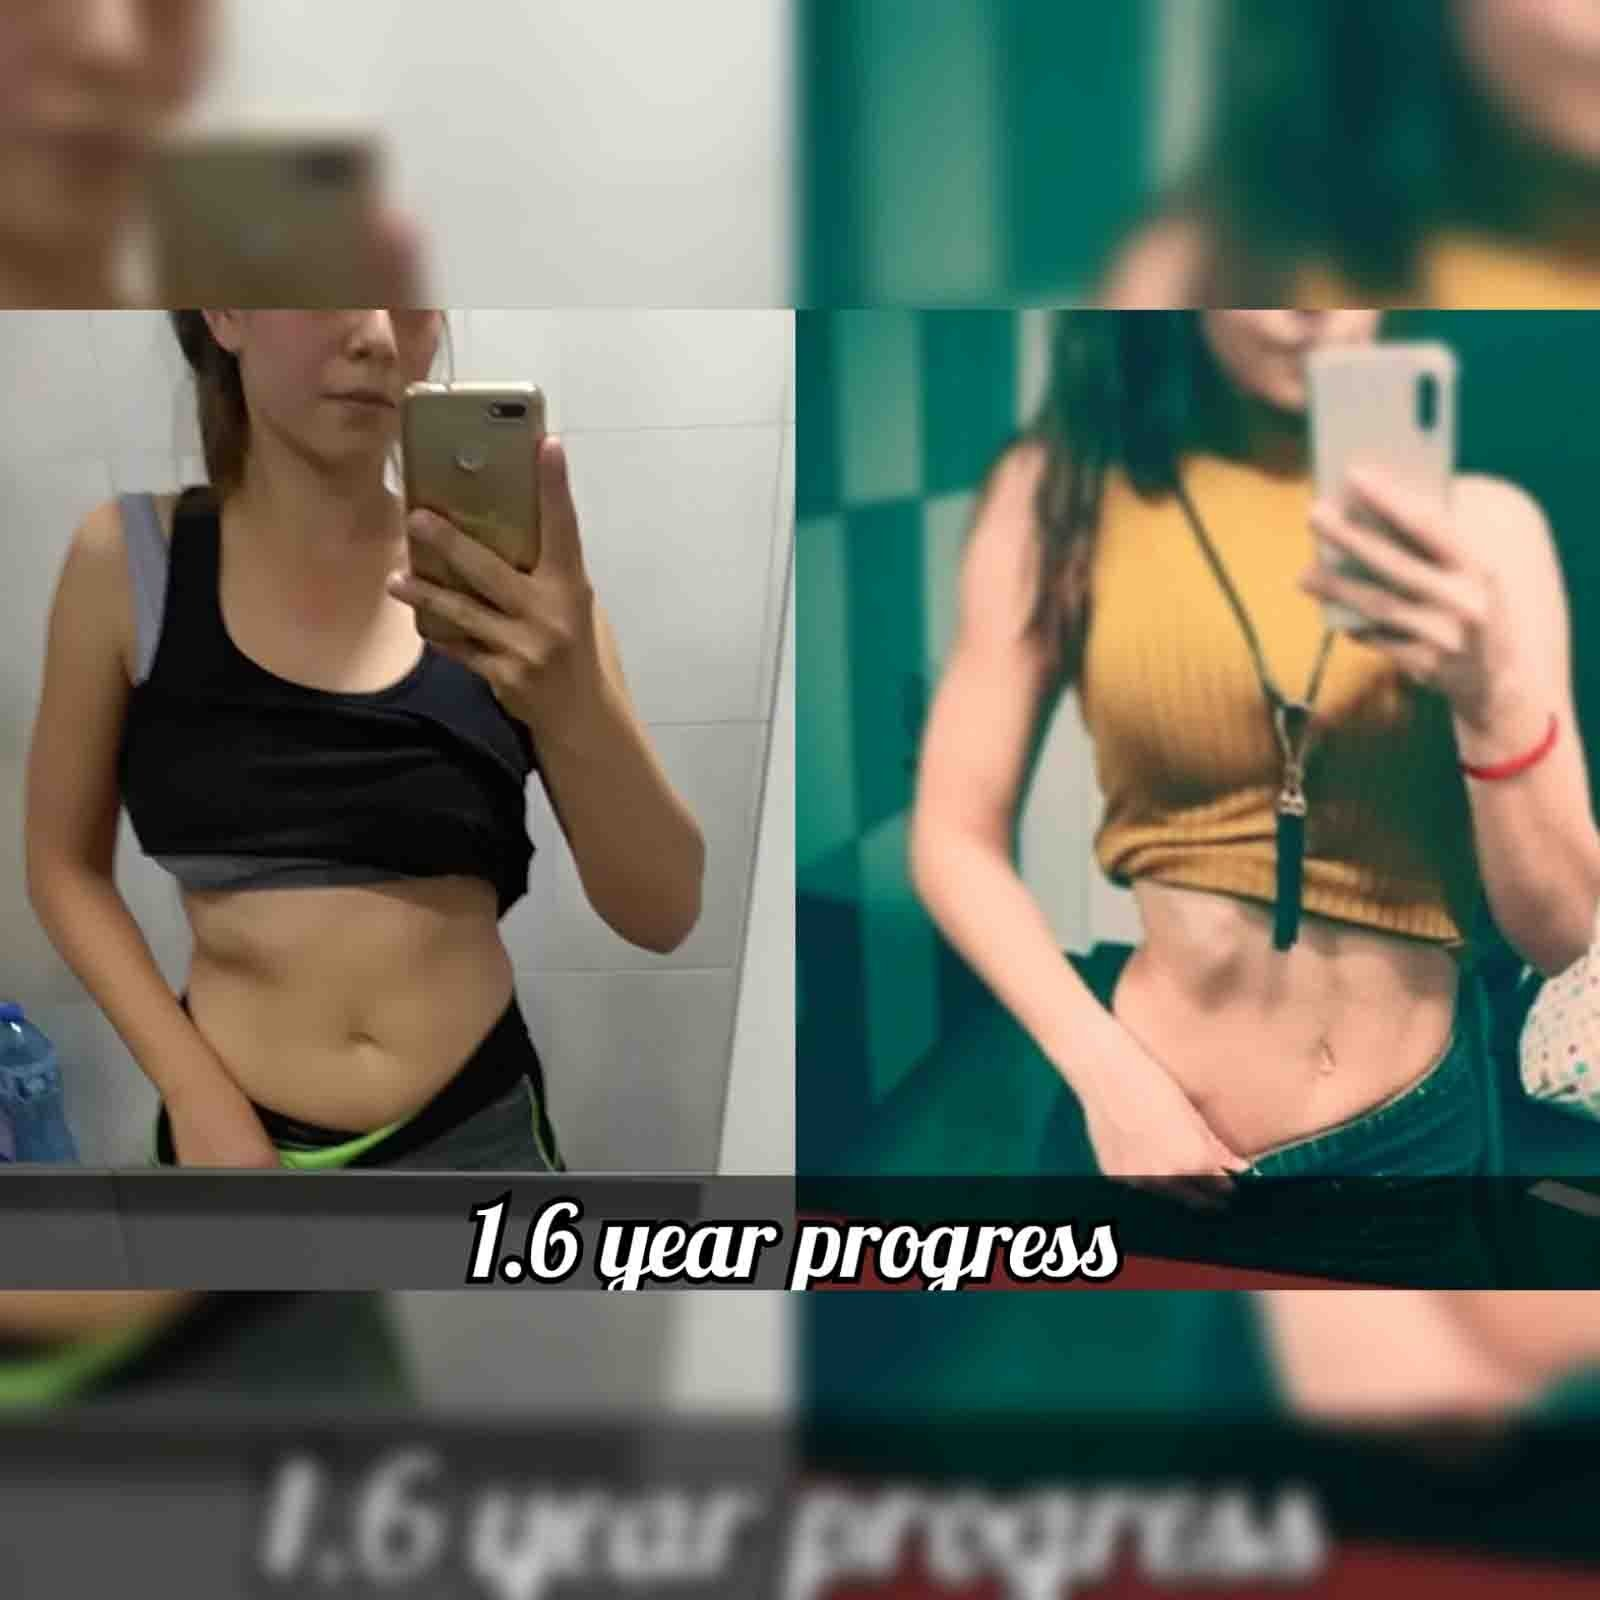 Моята промяна за отслабване и стягане на тялото с хранителен режим